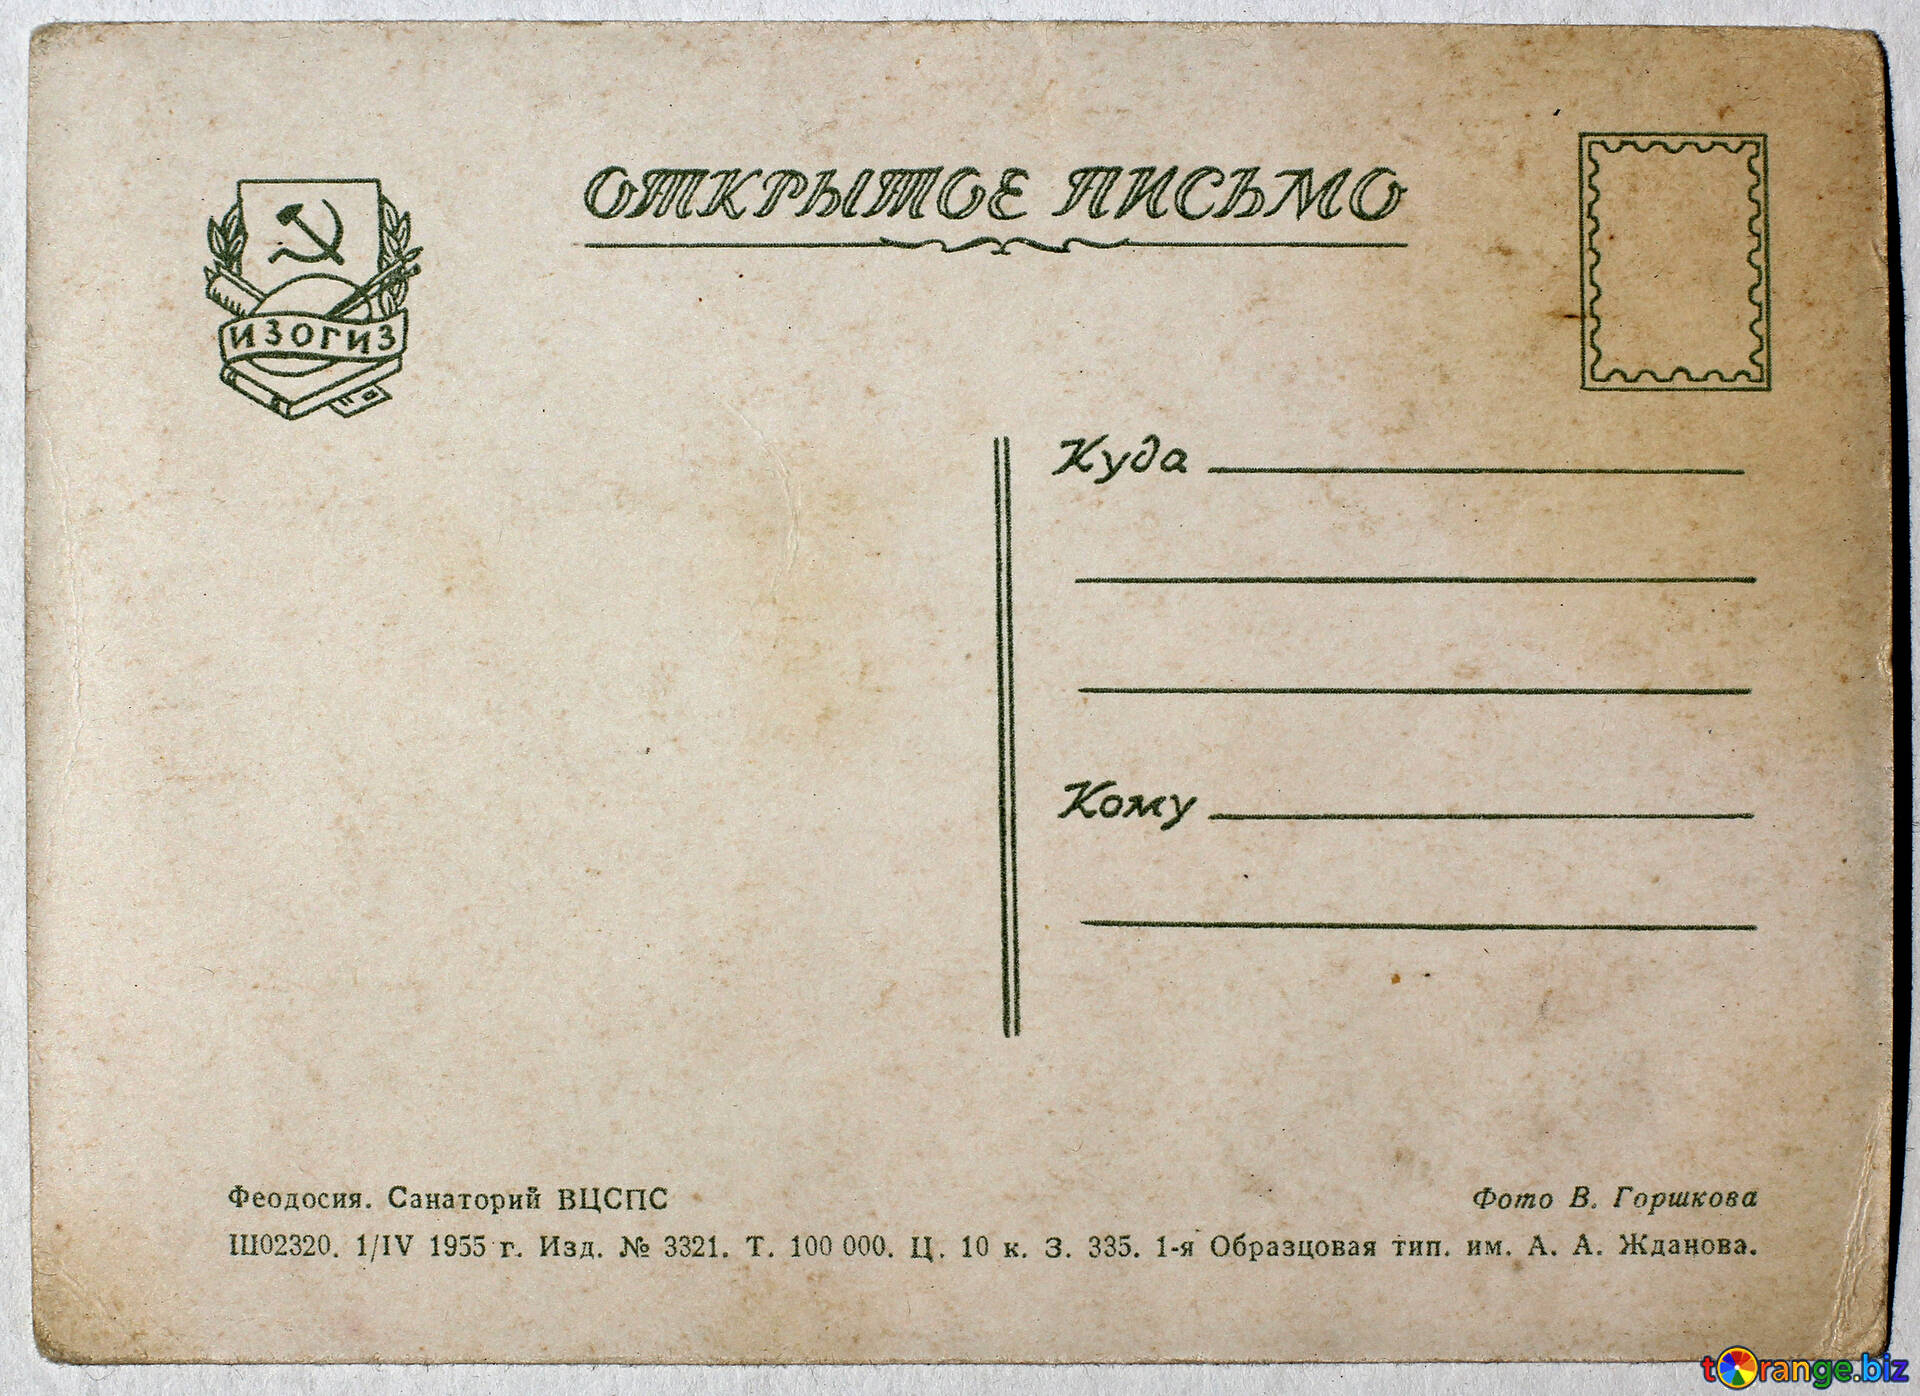 Днем рождения, оценка почтовых открыток